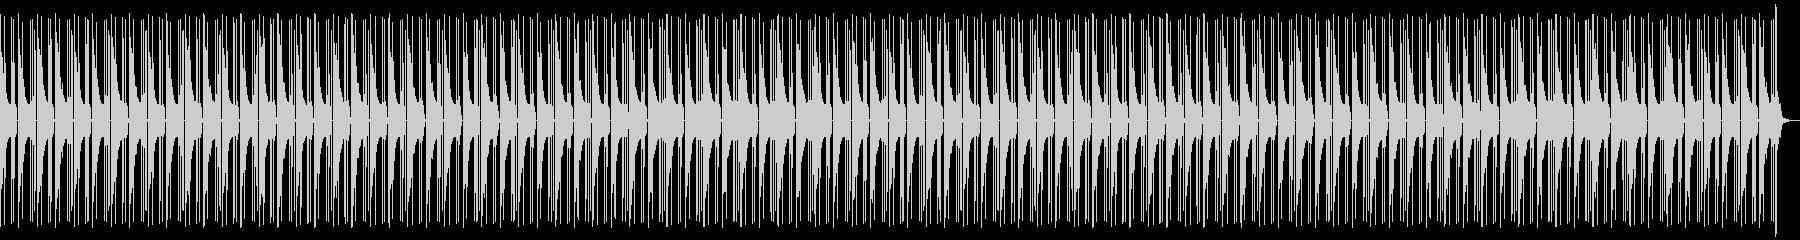 フリースタイル用ビート(あやしい雰囲気)の未再生の波形